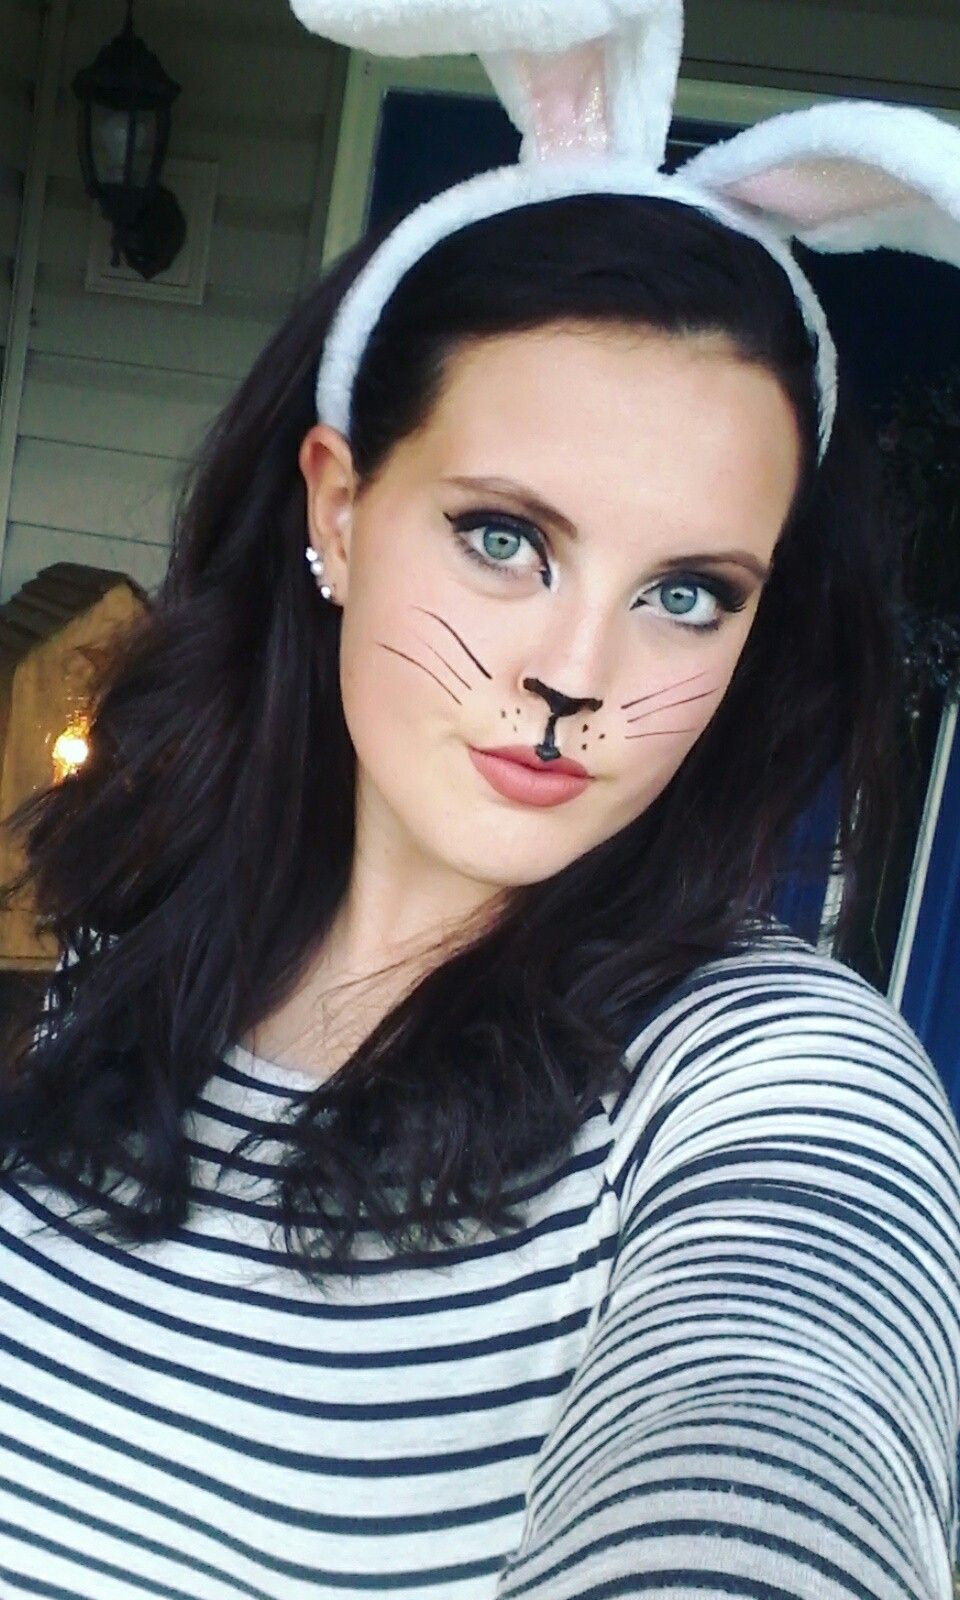 Cute bunny makeup 103116 bunny makeup bunny